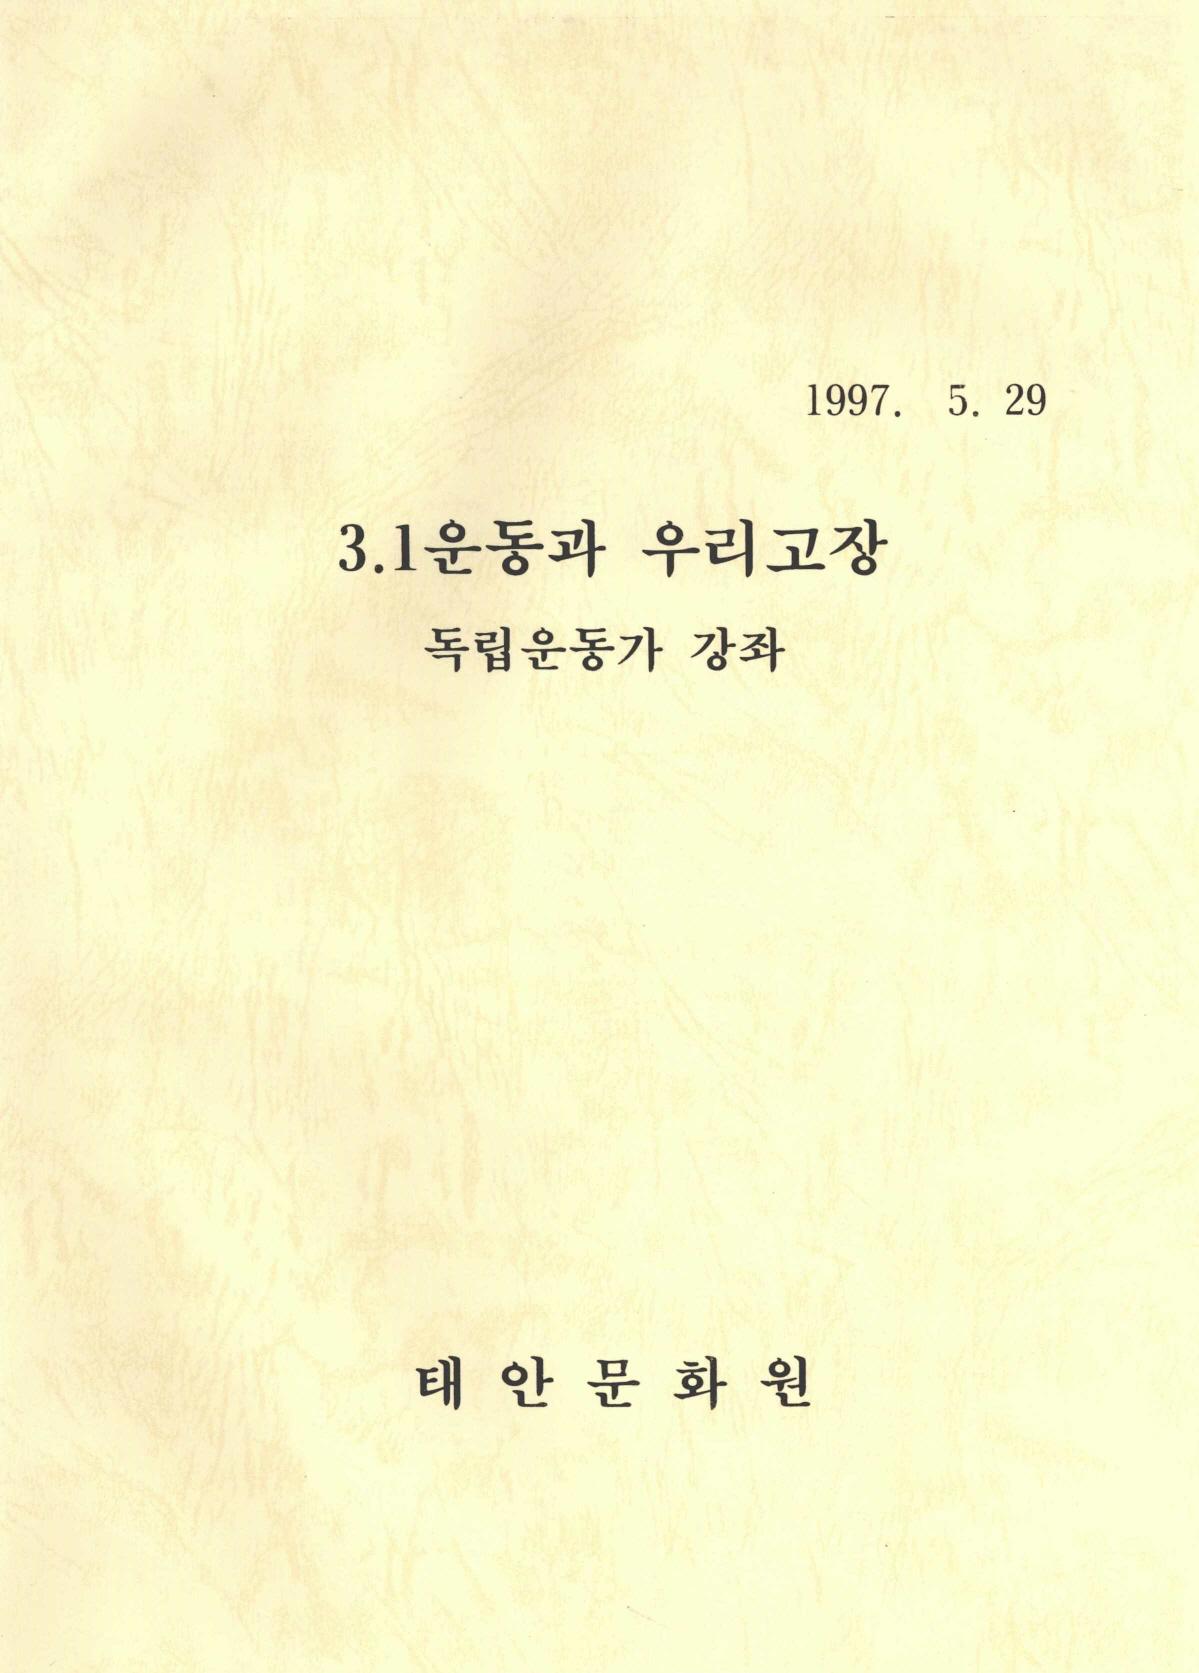 3.1운동과 우리고장 독립운동가 강좌